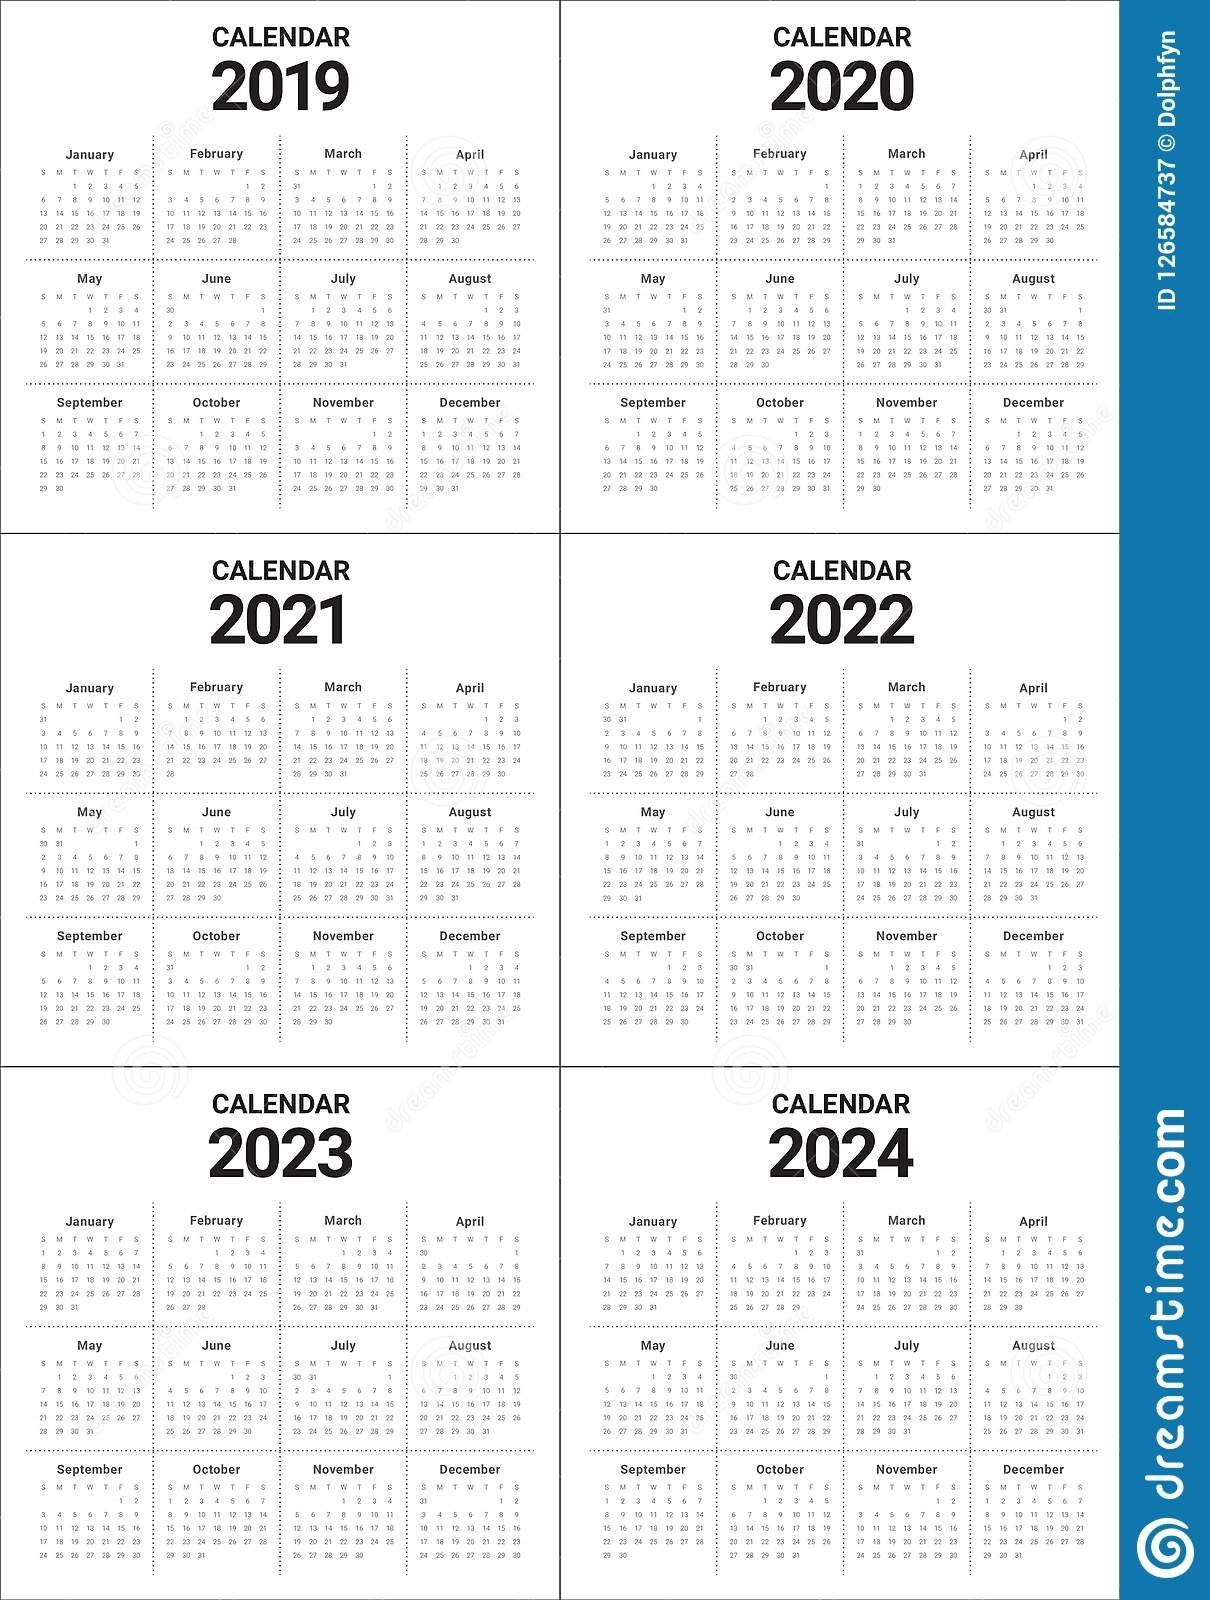 Year 2019 2020 2021 2022 2023 2024 Calendar Vector Design Templa 5 Year Calendar 2019 To 2023